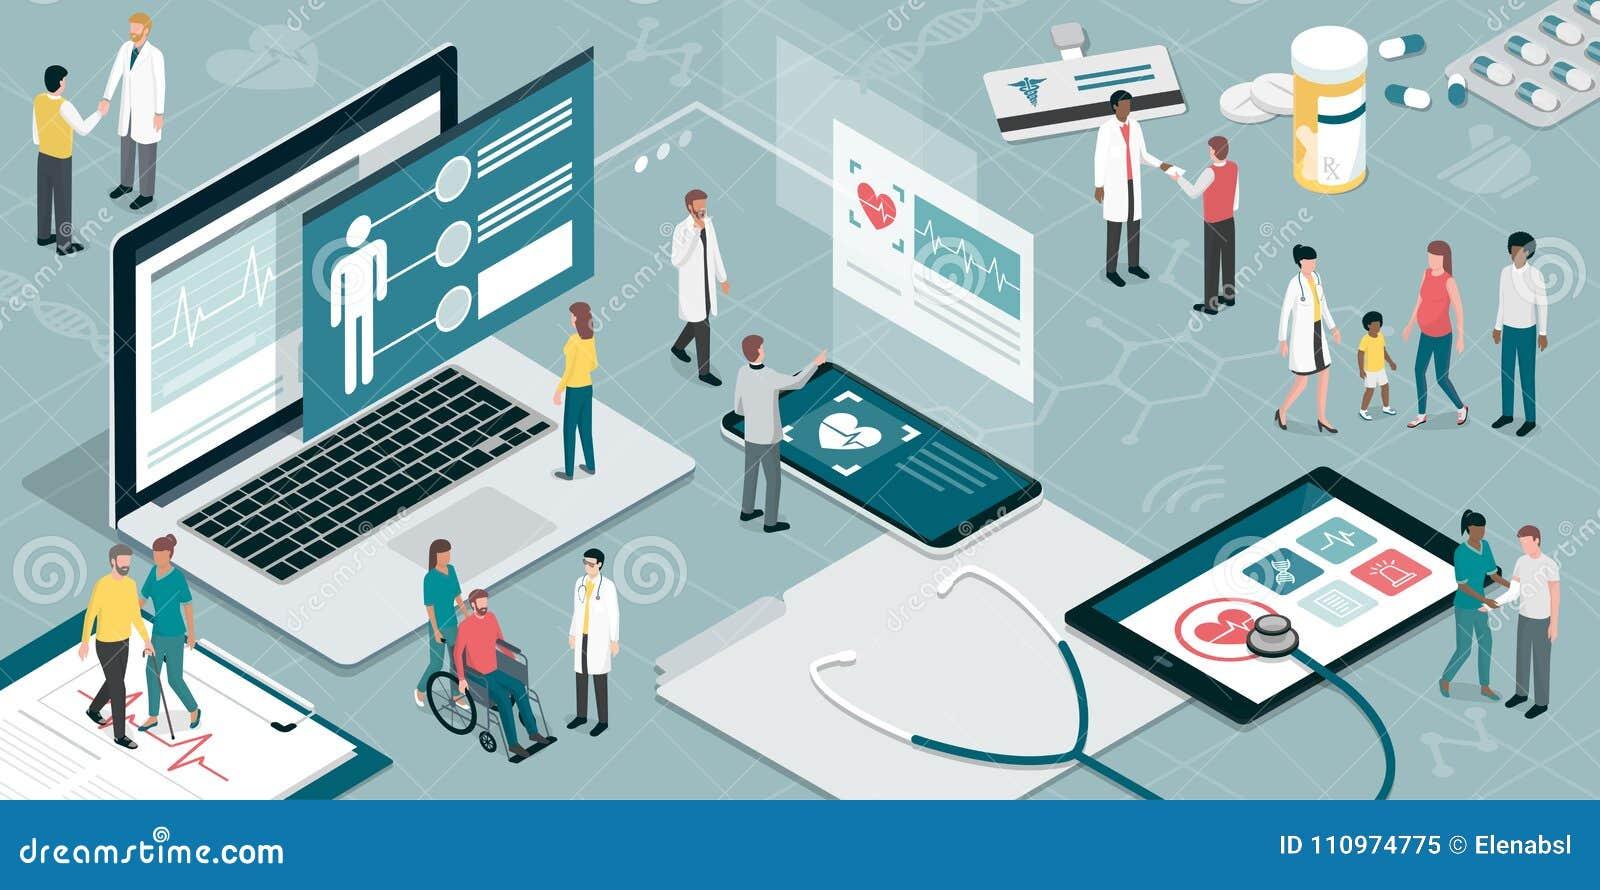 Gesundheitswesen Und Technologie Vektor Abbildung - Illustration von ...